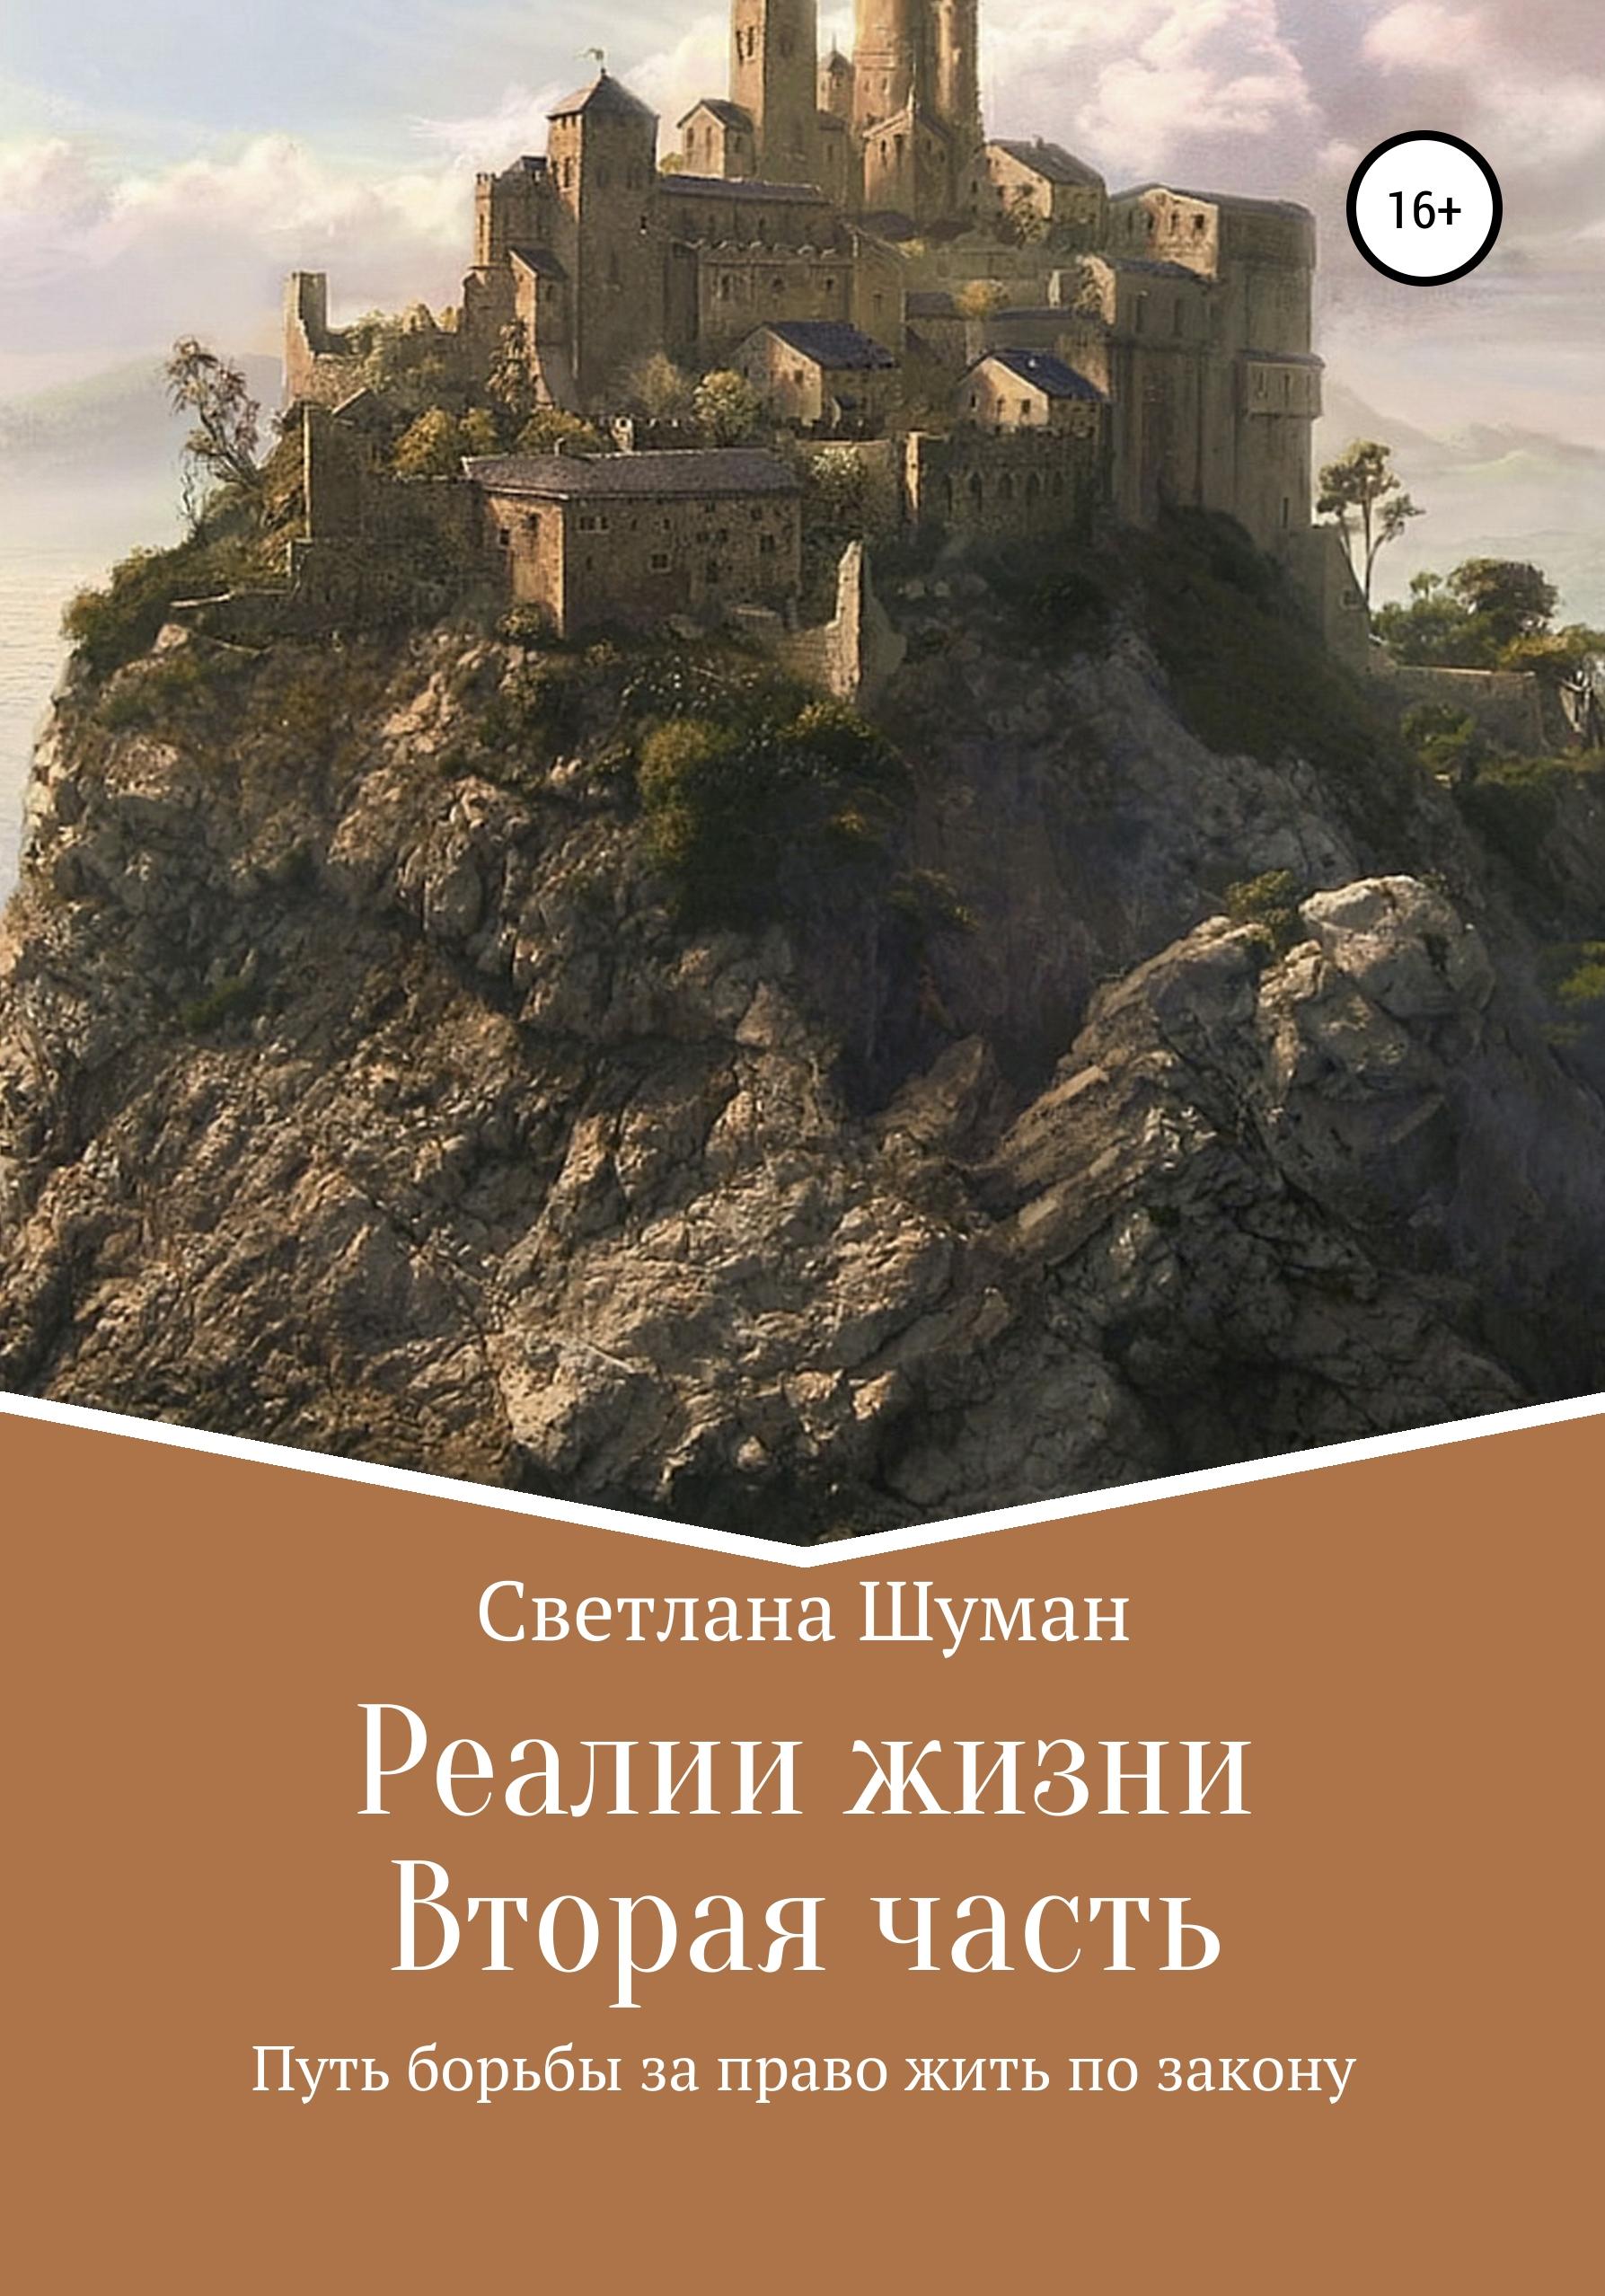 Светлана Шуман - Реалии жизни. Вторая часть. Путь борьбы за право жить по закону